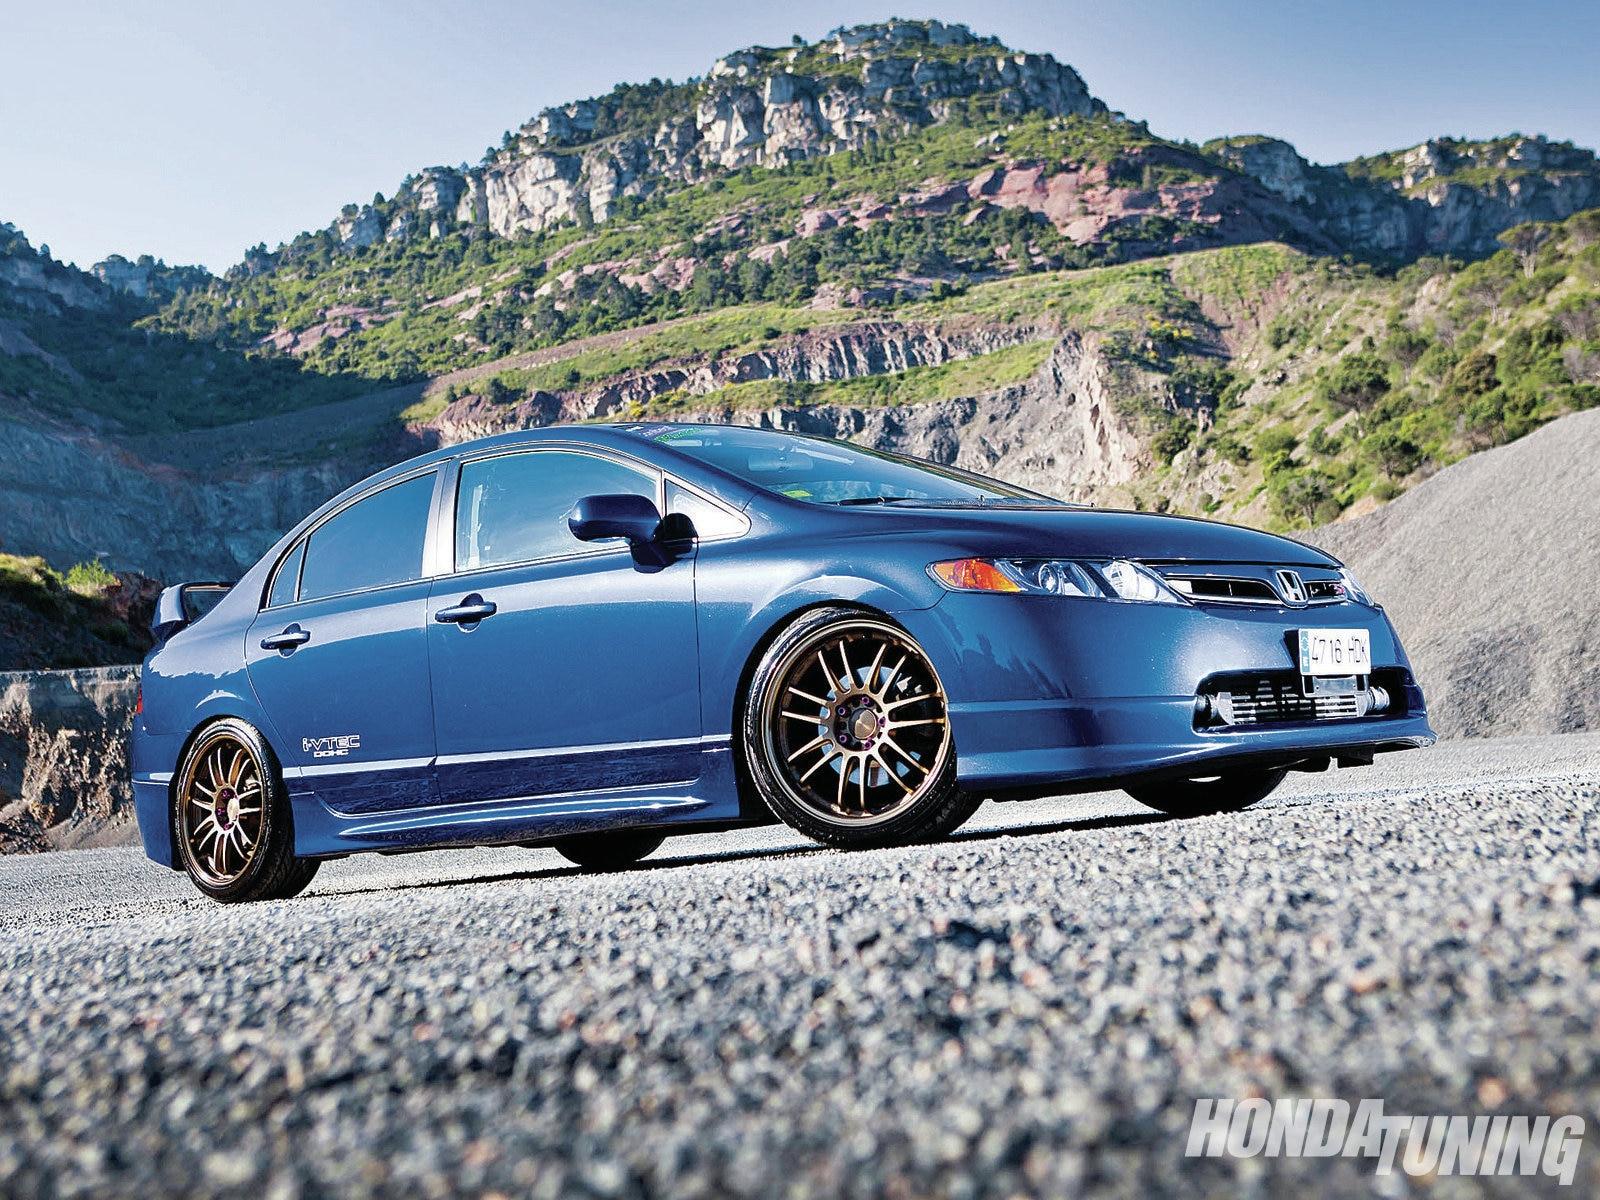 2007 Honda Civic Si 1999 Acura Integra Ls And More Grassroots Honda Tuning Magazine